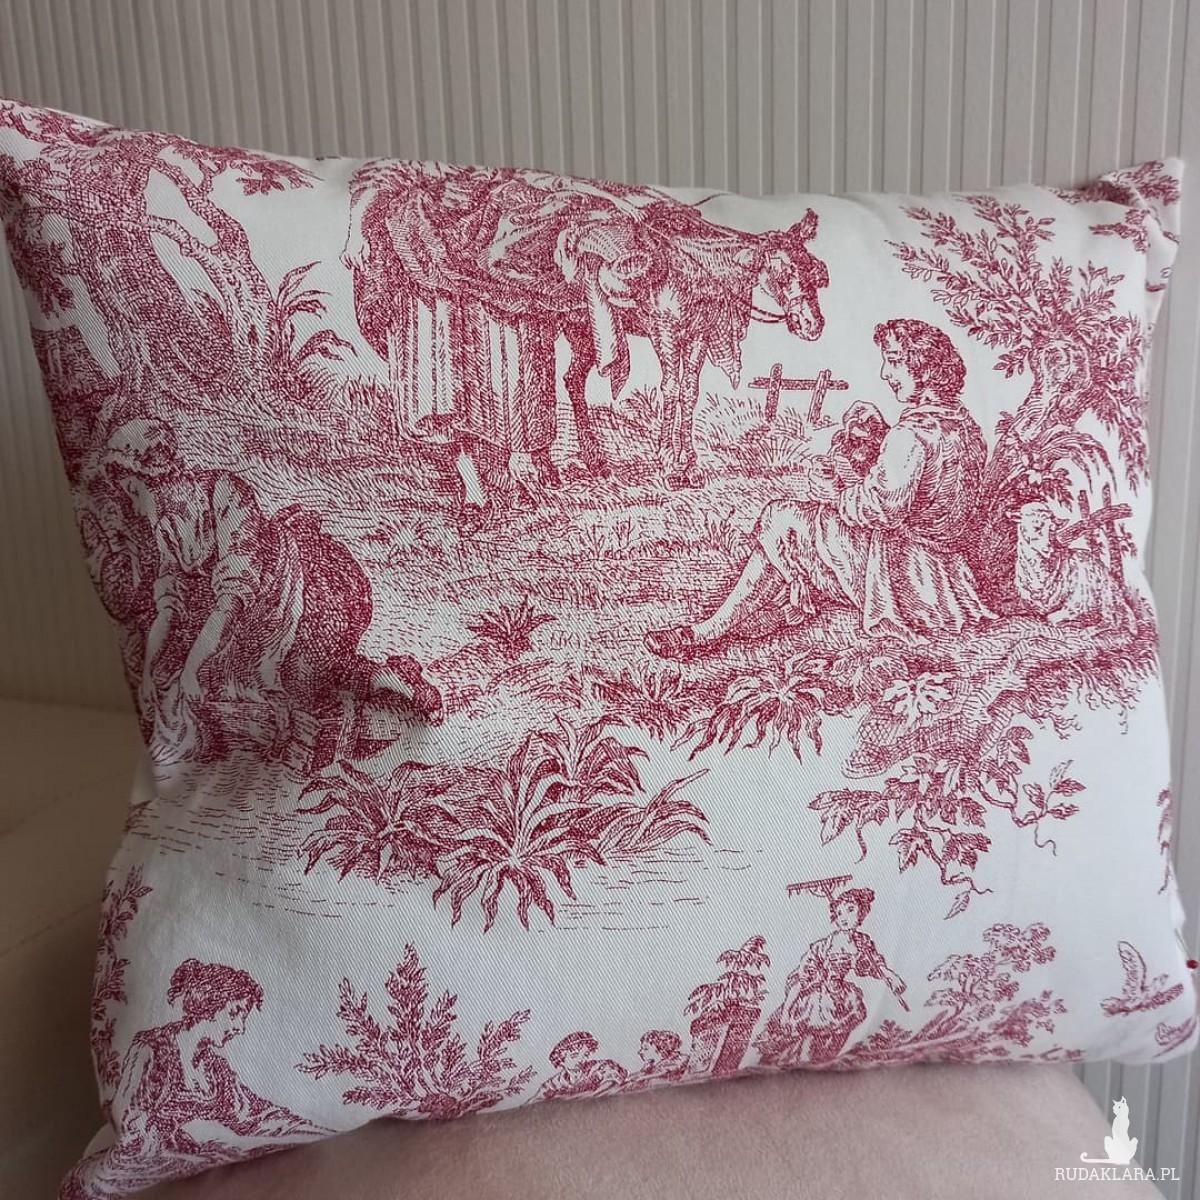 Poduszka dekoracyjna w stylu rustykalnym